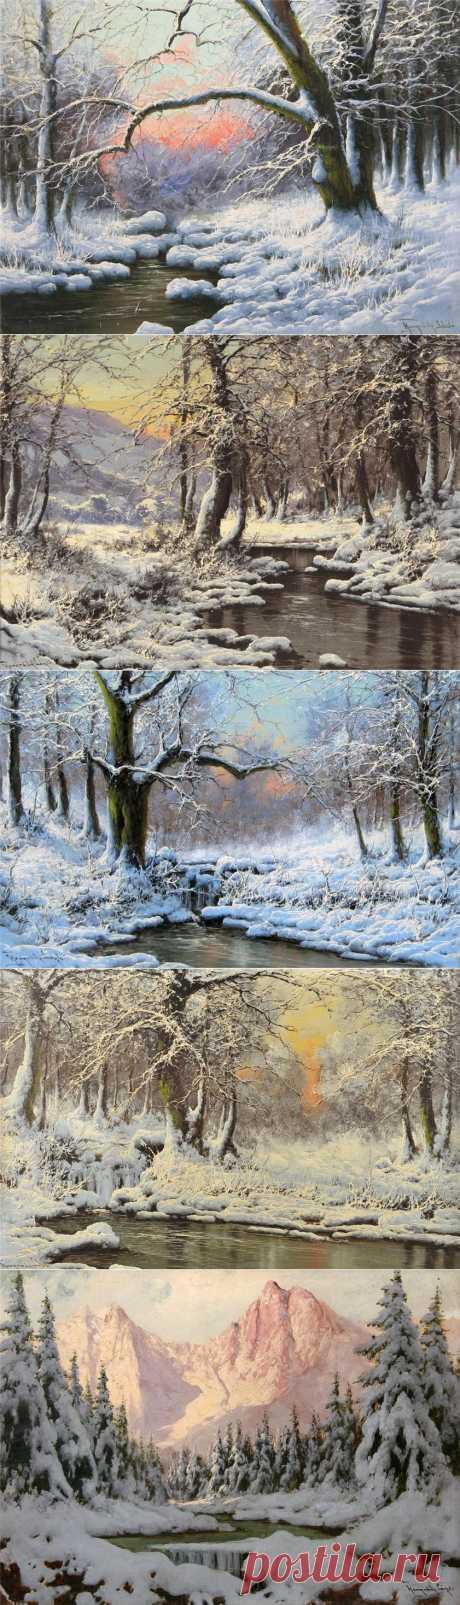 Laszlo Neogrady. Los paisajes invernales